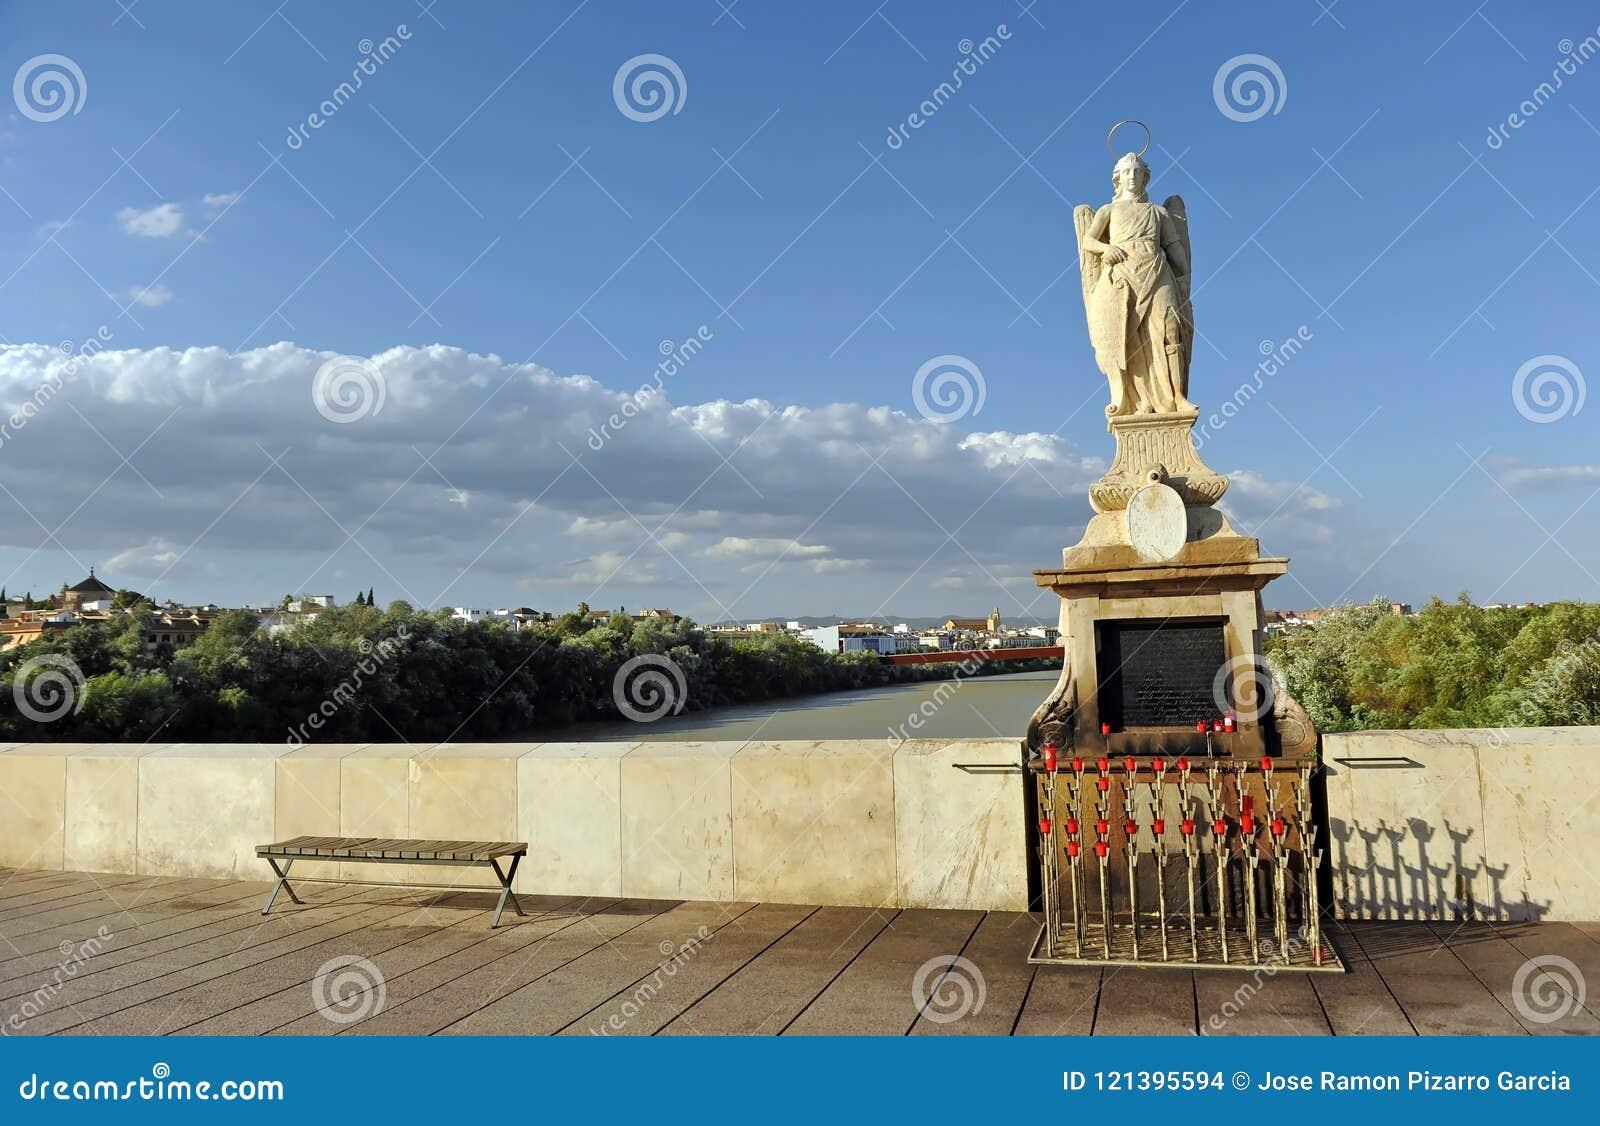 patron saint raphael the archangel